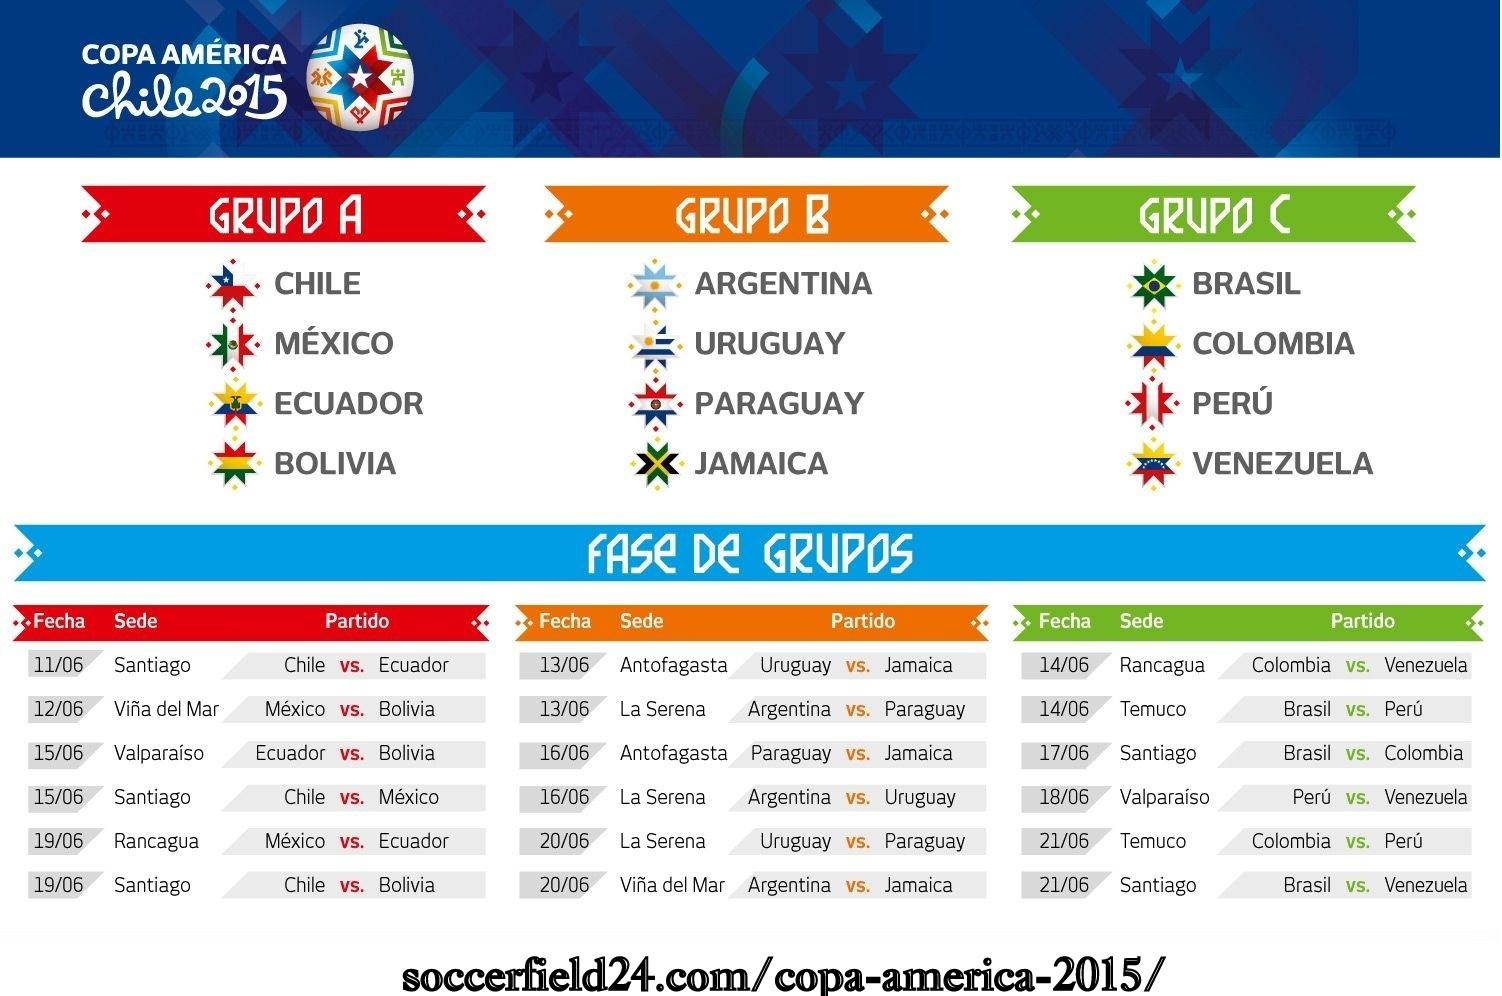 Copa America [Chili 2015] 150613042507728792